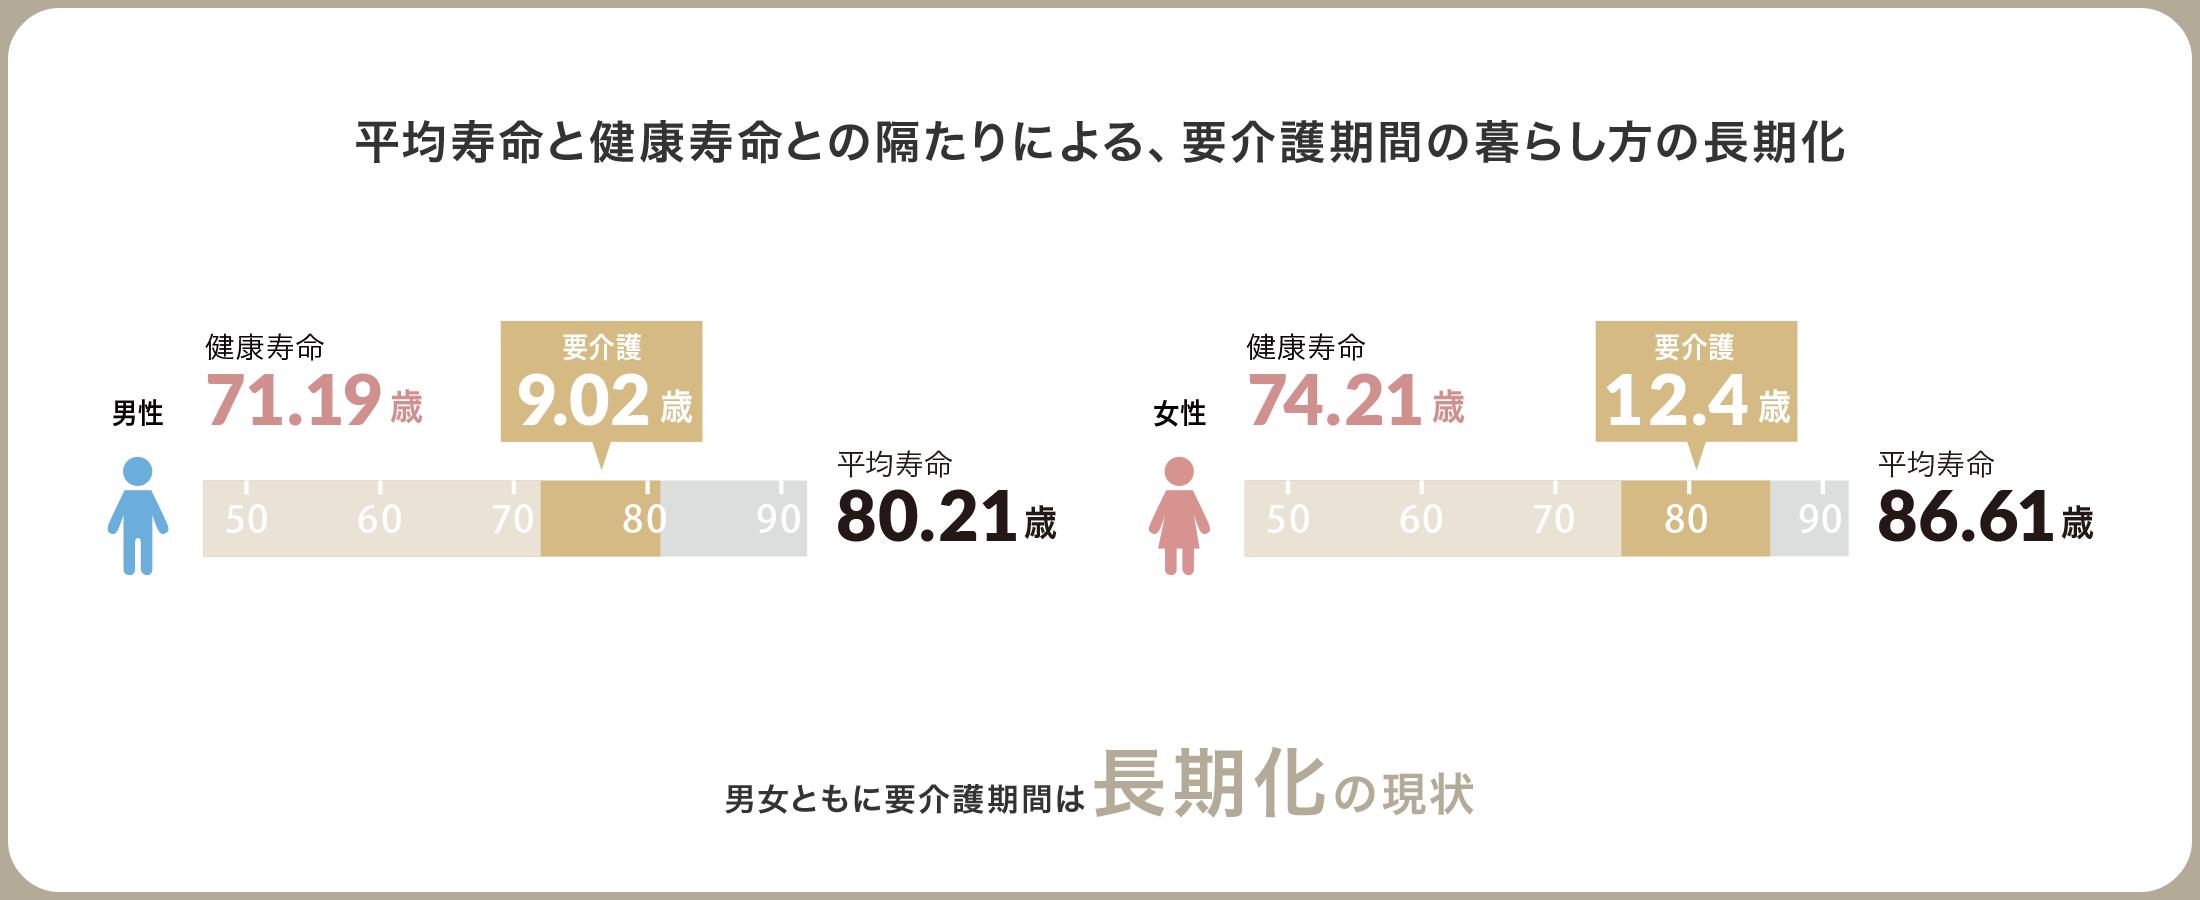 平均寿命と健康寿命との隔たりによる、要介護期間の暮らし方の長期化 男女ともに要介護期間は長期化の現状